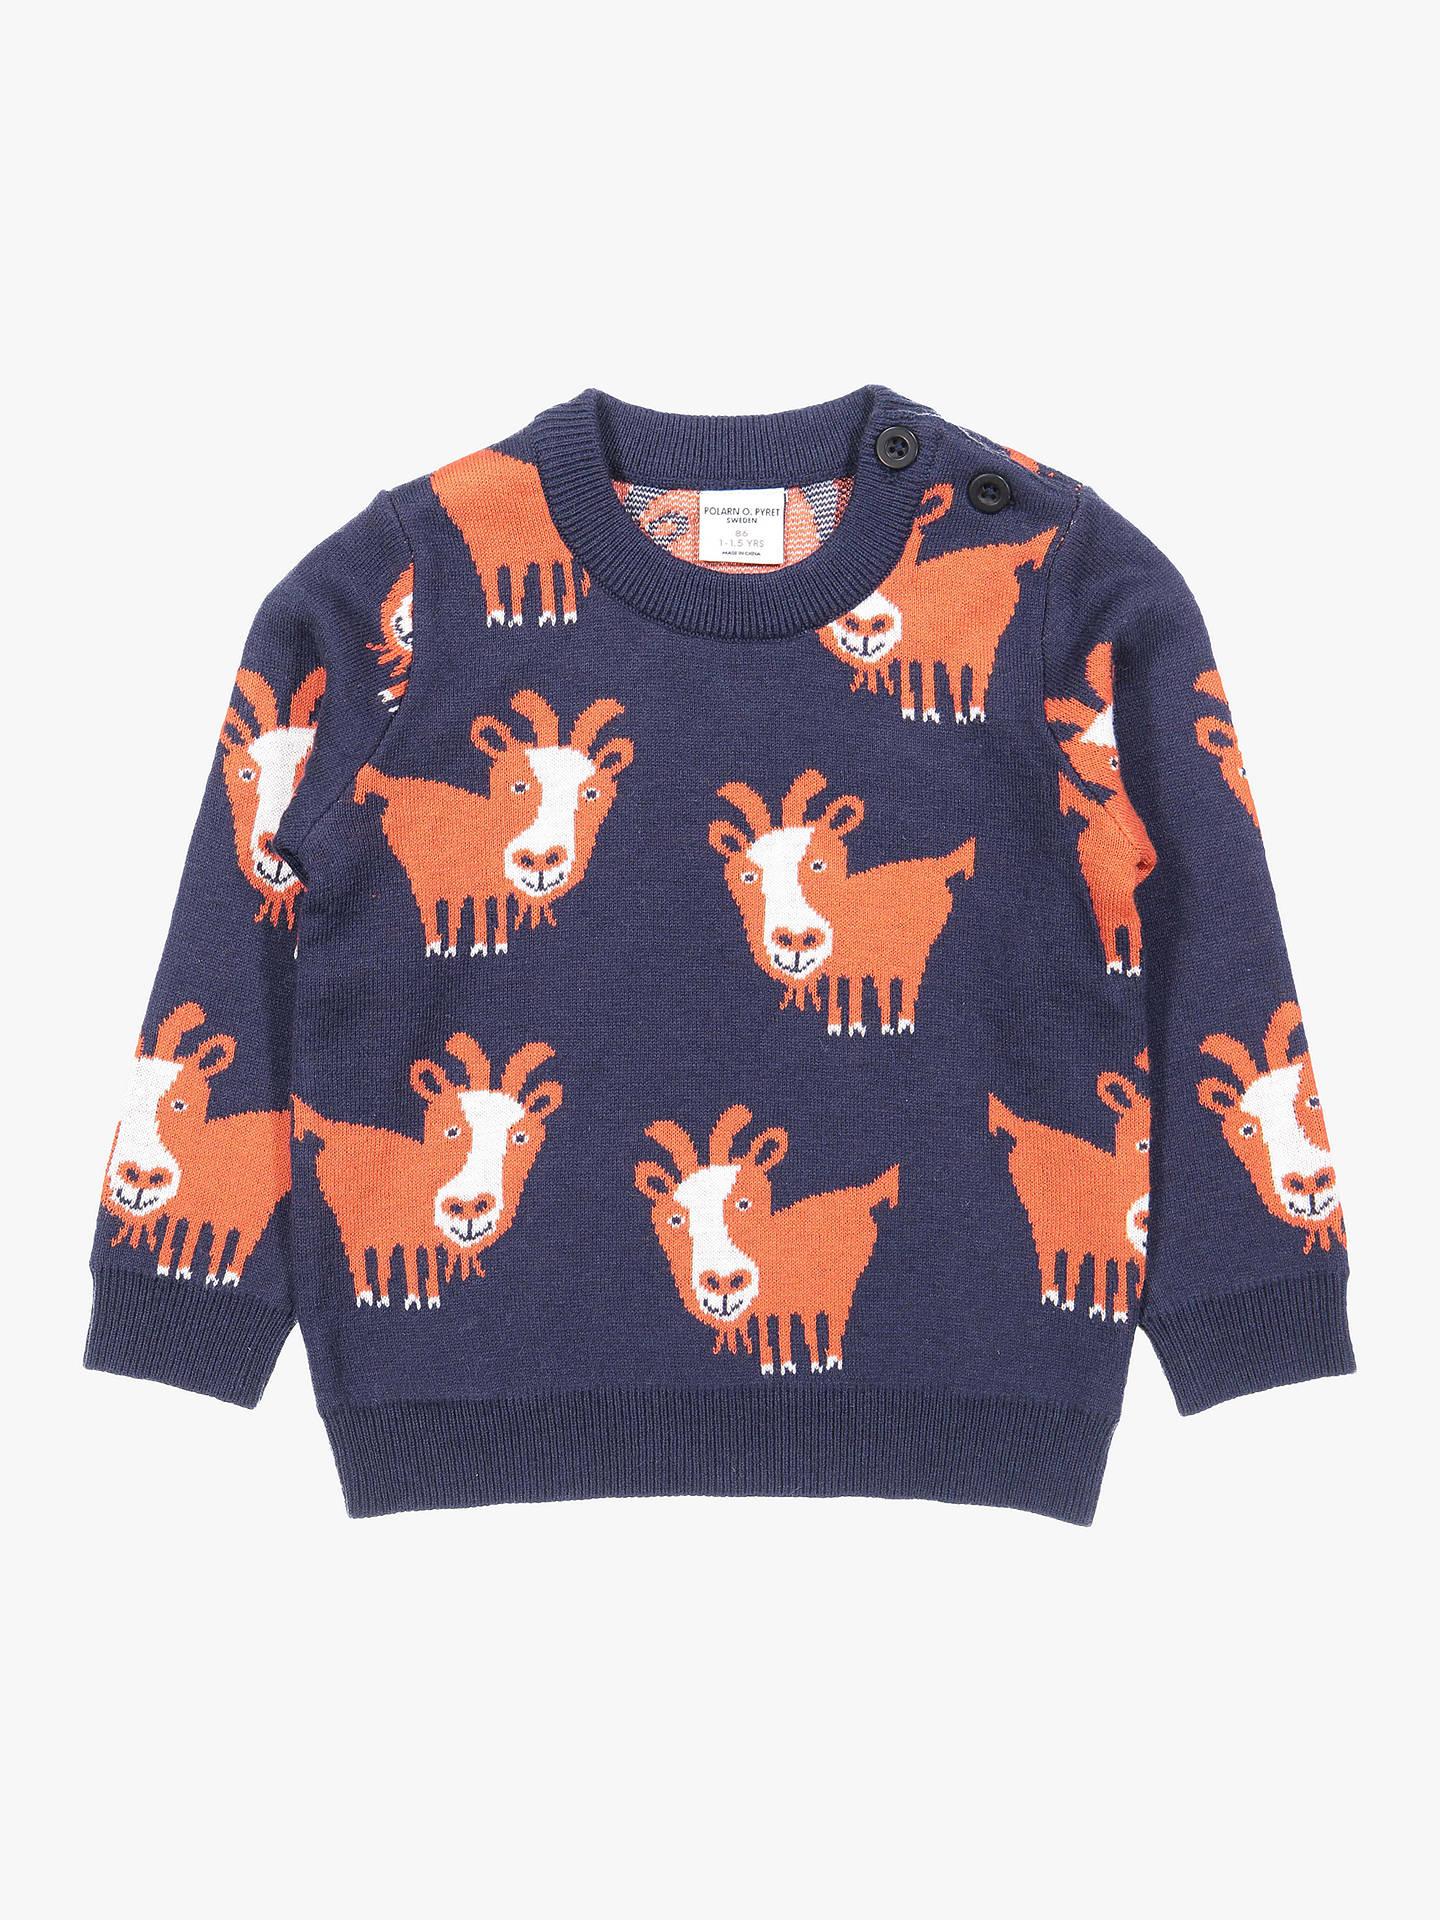 11f4f35f8 Polarn O. Pyret Baby Goat Jumper